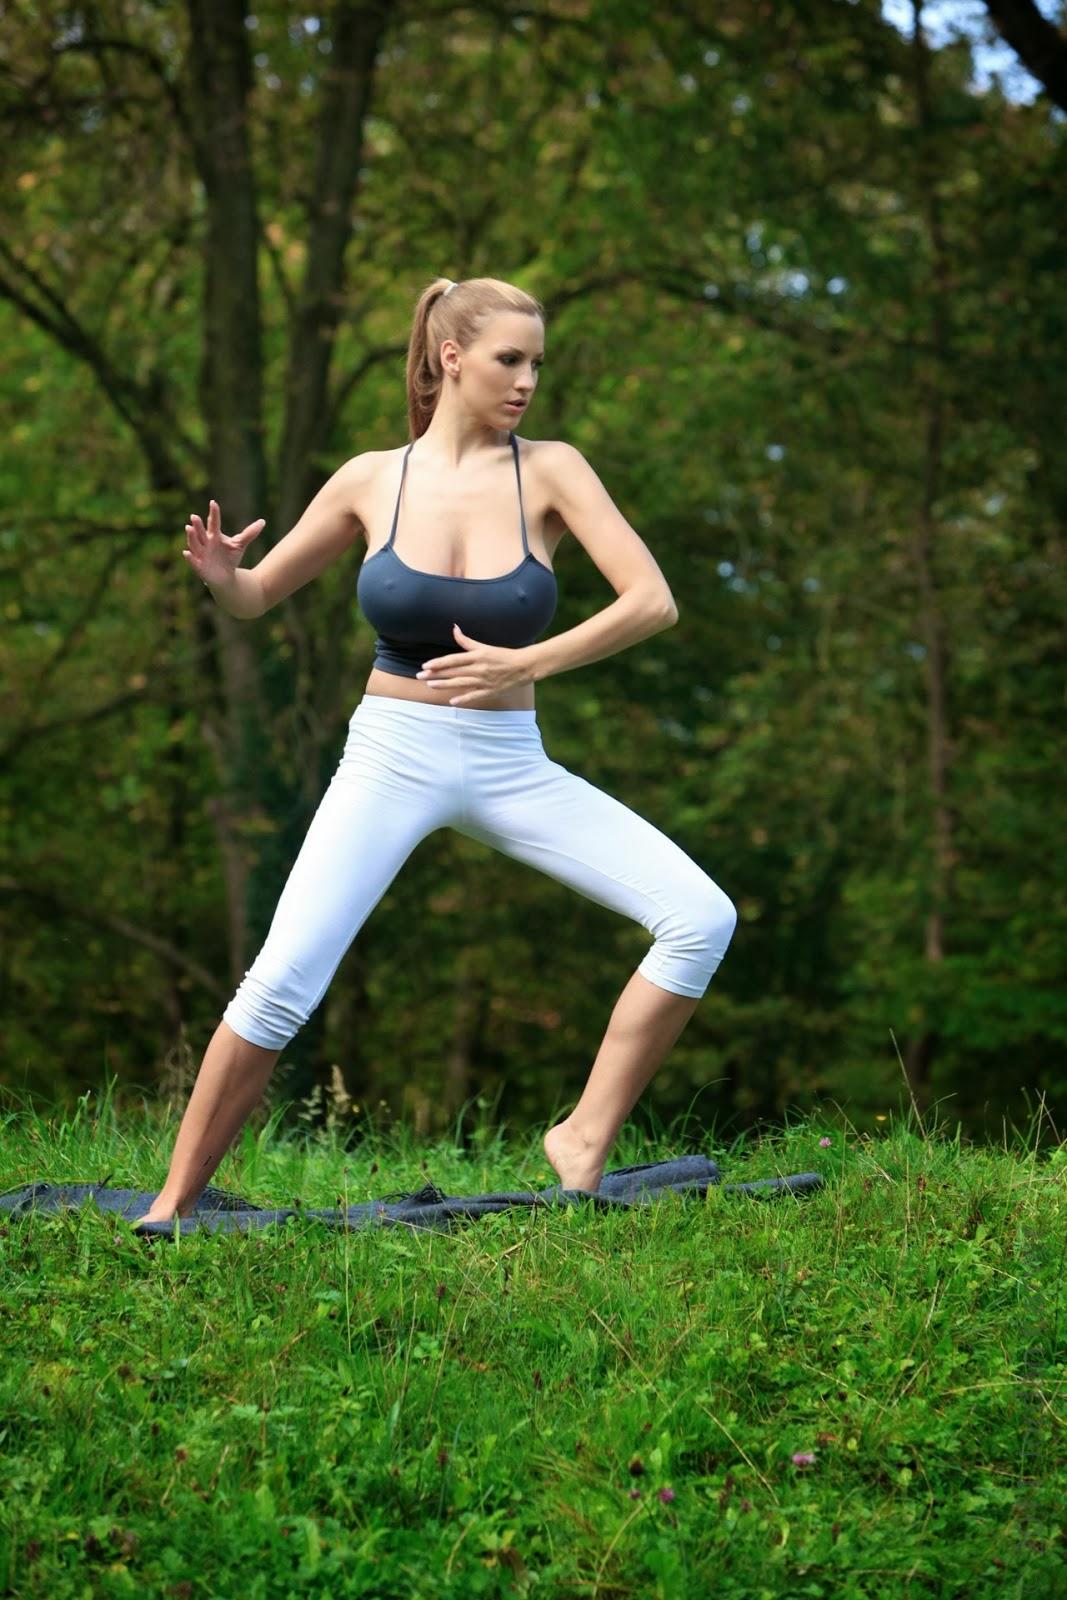 Big tits yoga pants-4775